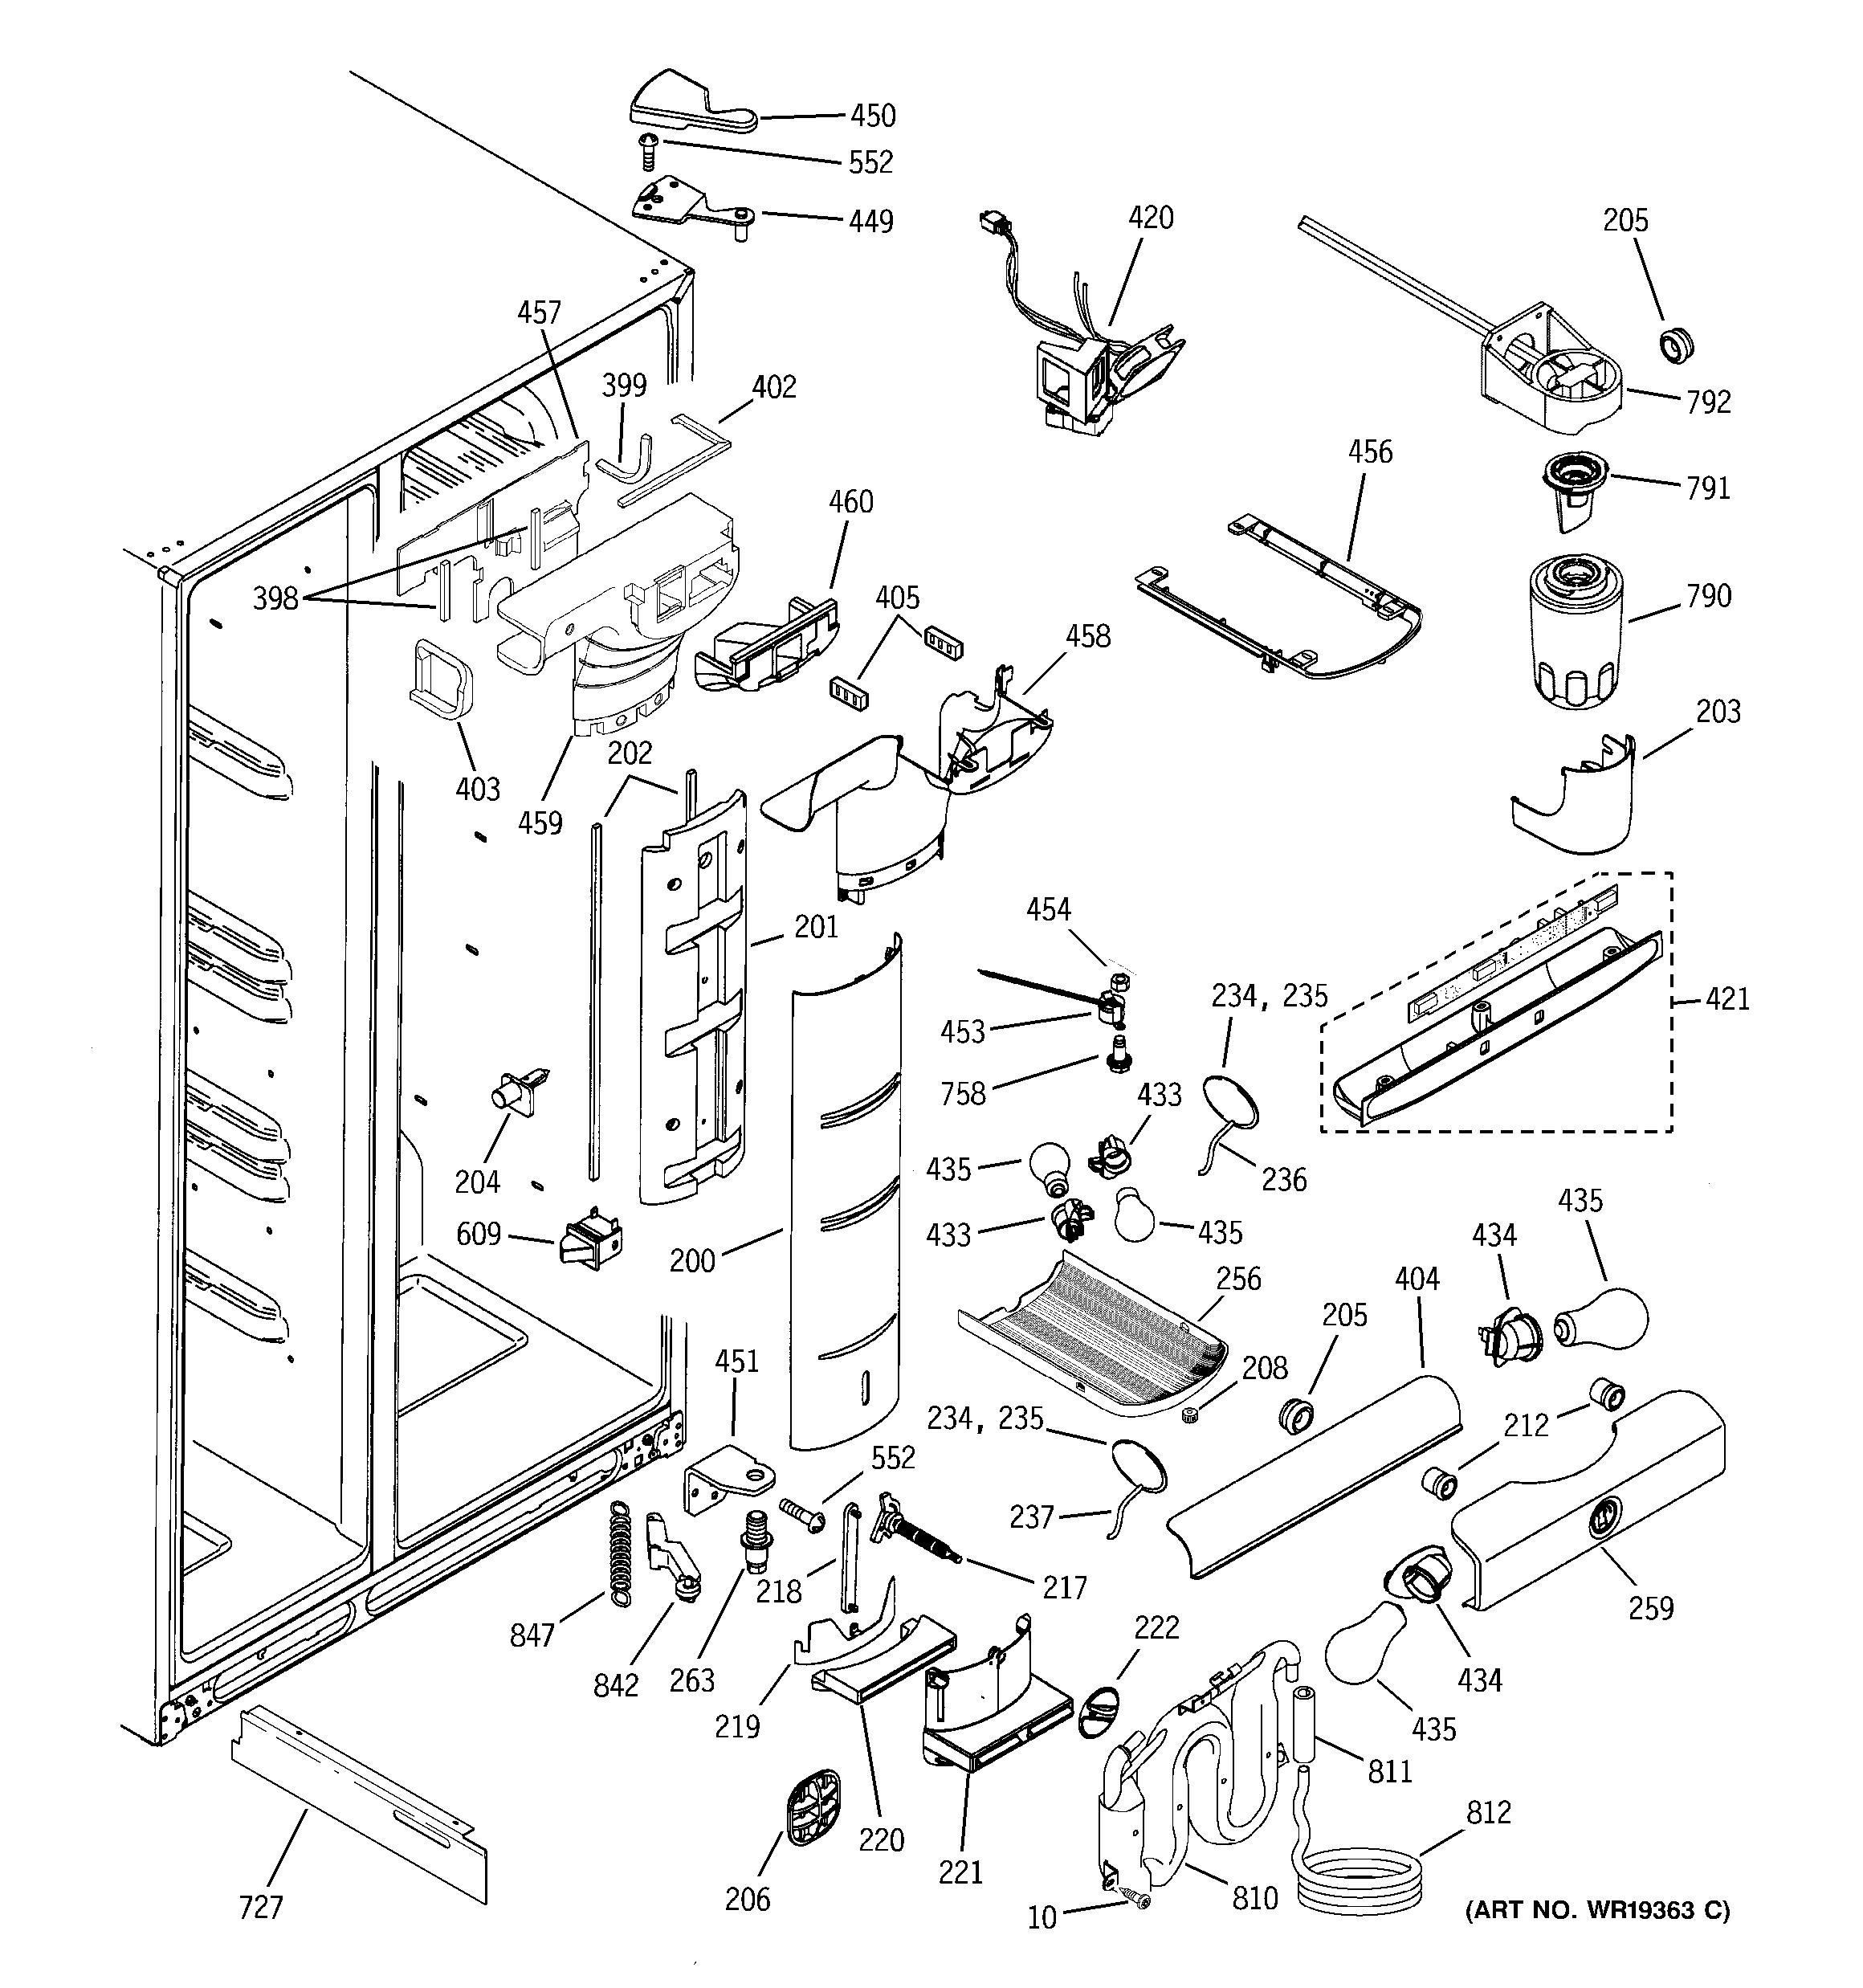 [SCHEMATICS_4US]  TB_0821] Refrigerator Wiring Diagram Ge Pss25Sgna Bs Schematic Wiring | Wiring Diagram Ge Profile |  | Arcin Benkeme Mohammedshrine Librar Wiring 101